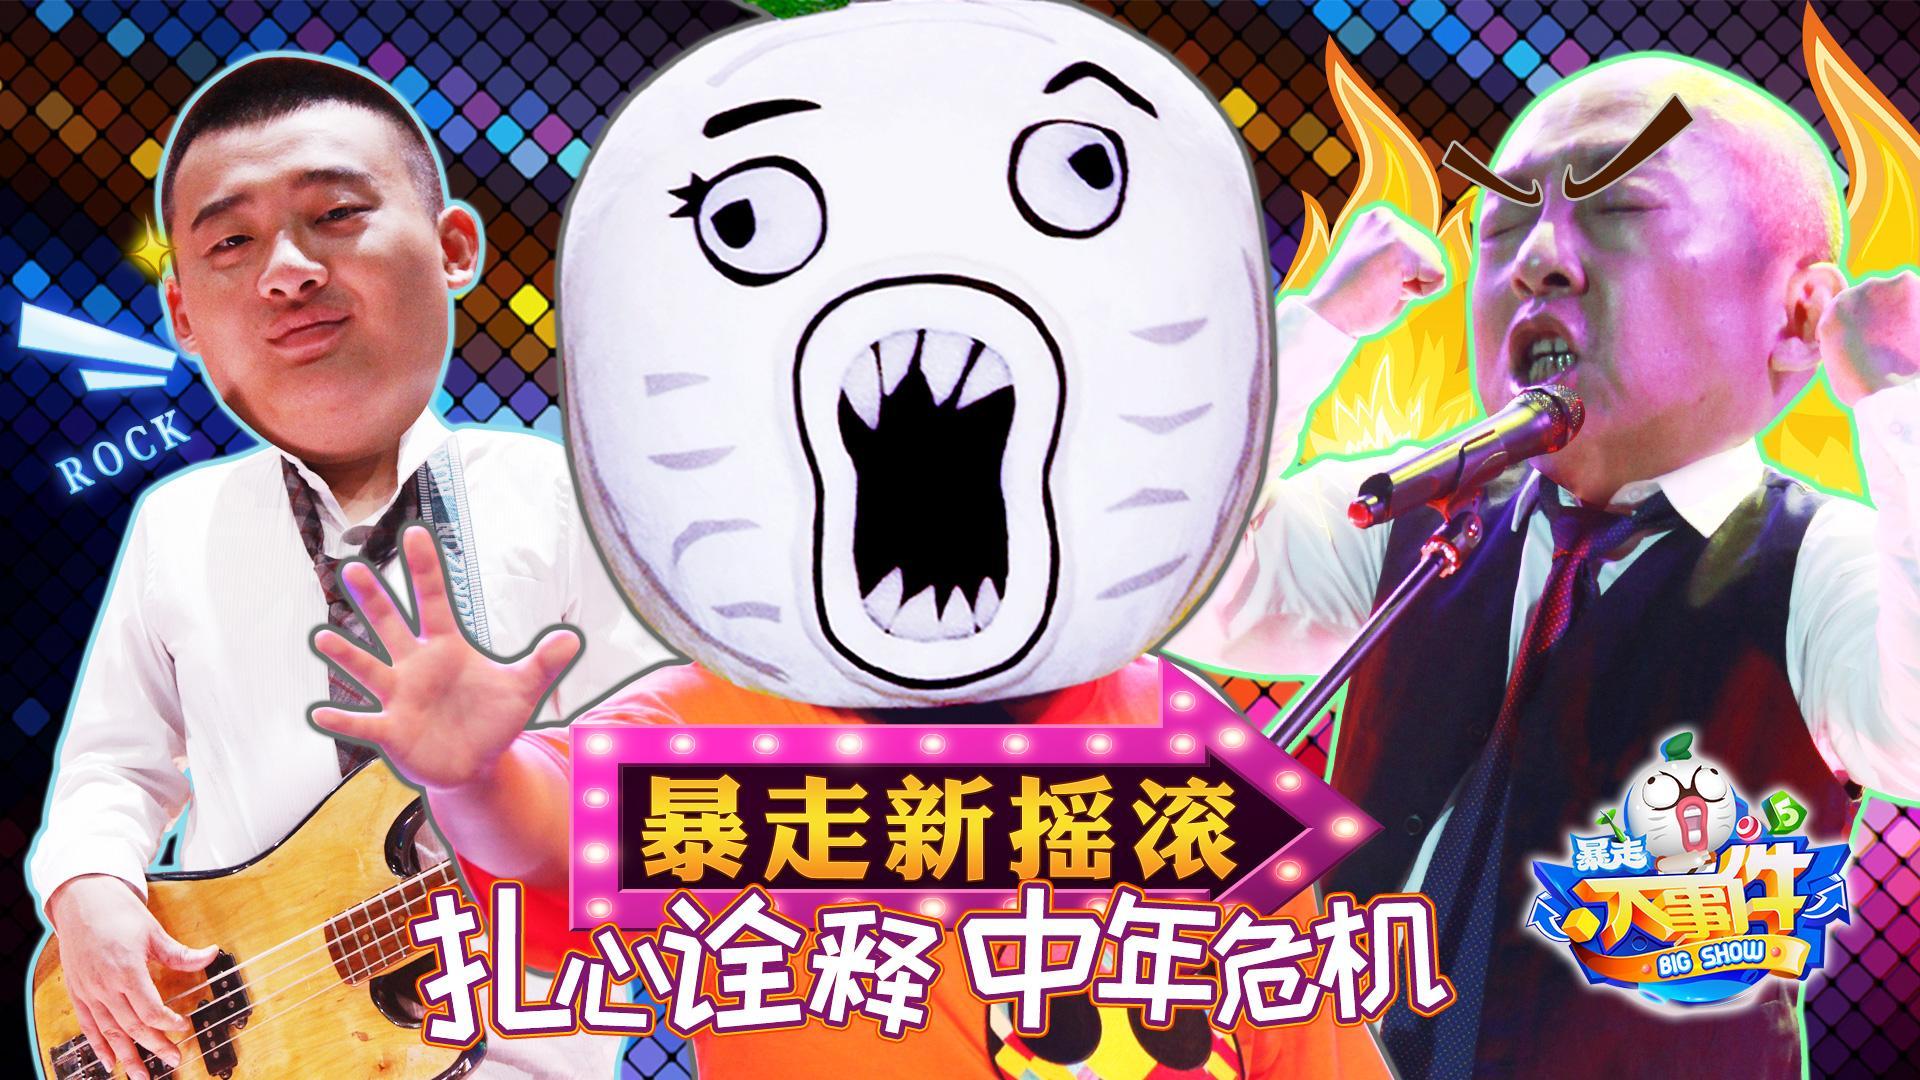 暴走新摇滚扎心诠释中年危机 34 【暴走大事件第五季】